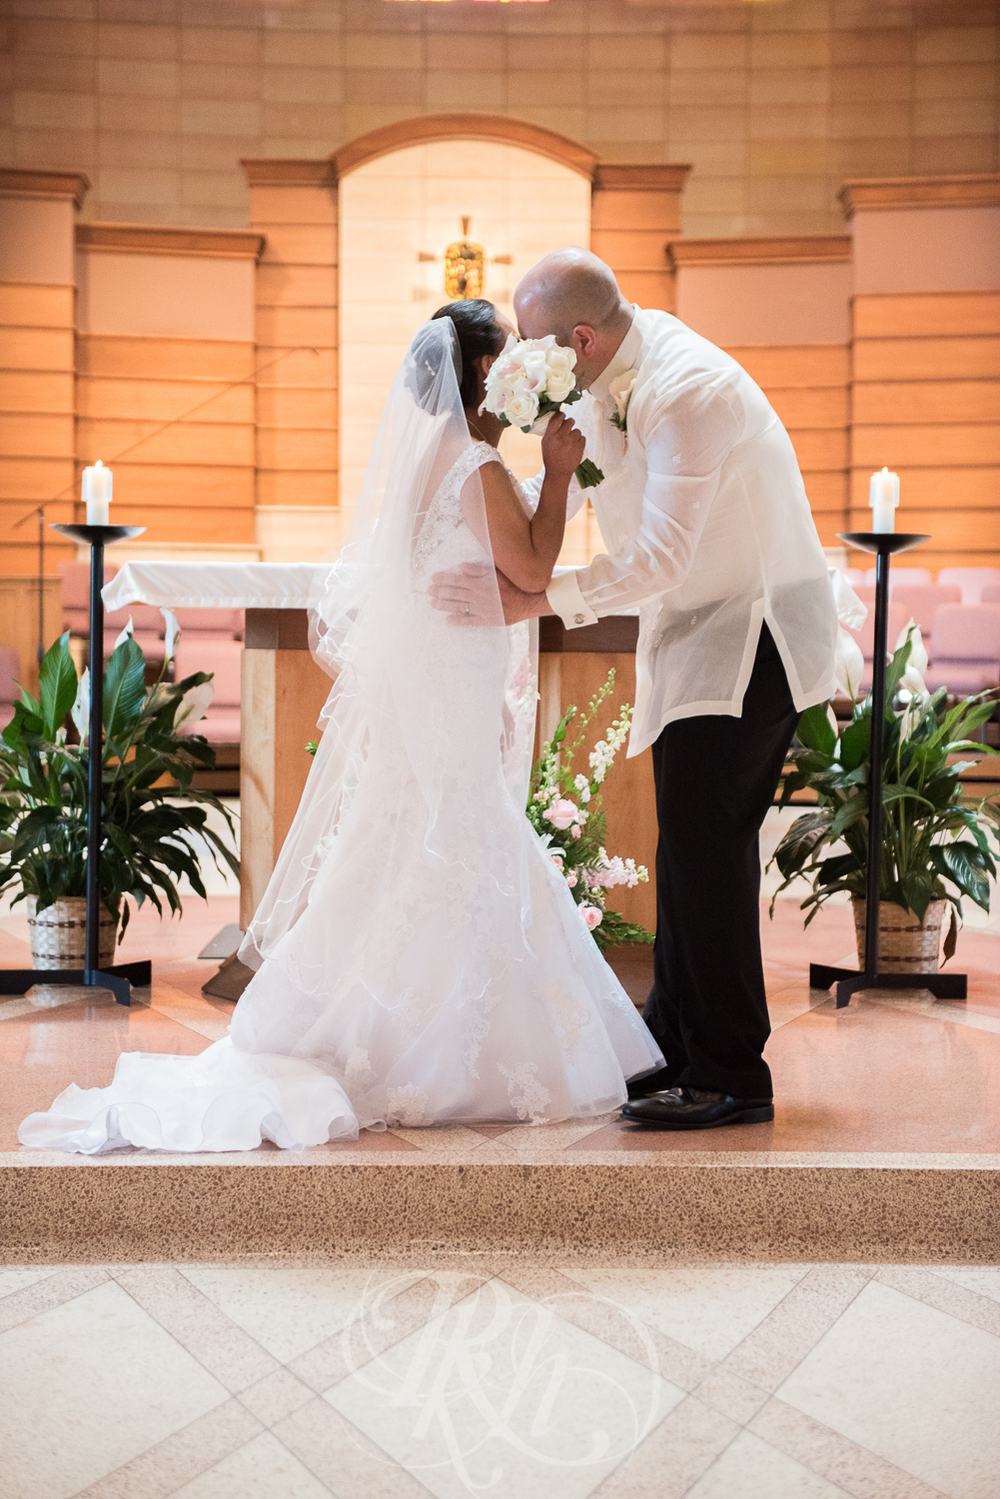 Norilyn & Luke - Minnesota Wedding Photographer - RKH Images - Ceremony-5.jpg